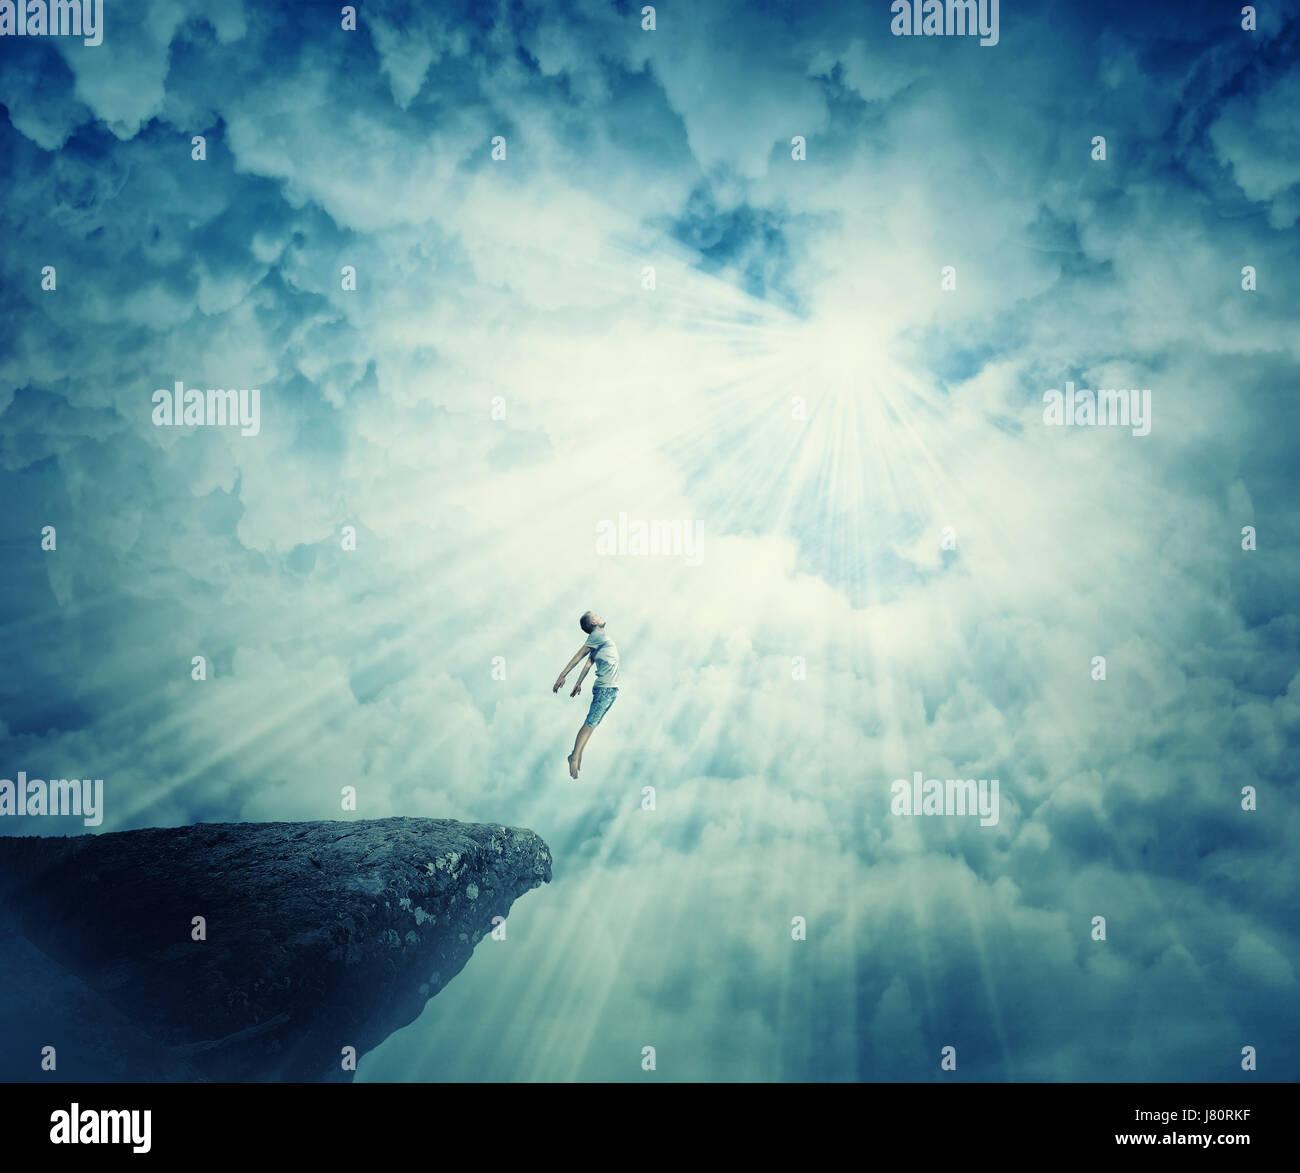 Joven viaje astral, estado de rapto místico psychokinesis condición. La energía del alma humana show Imagen De Stock